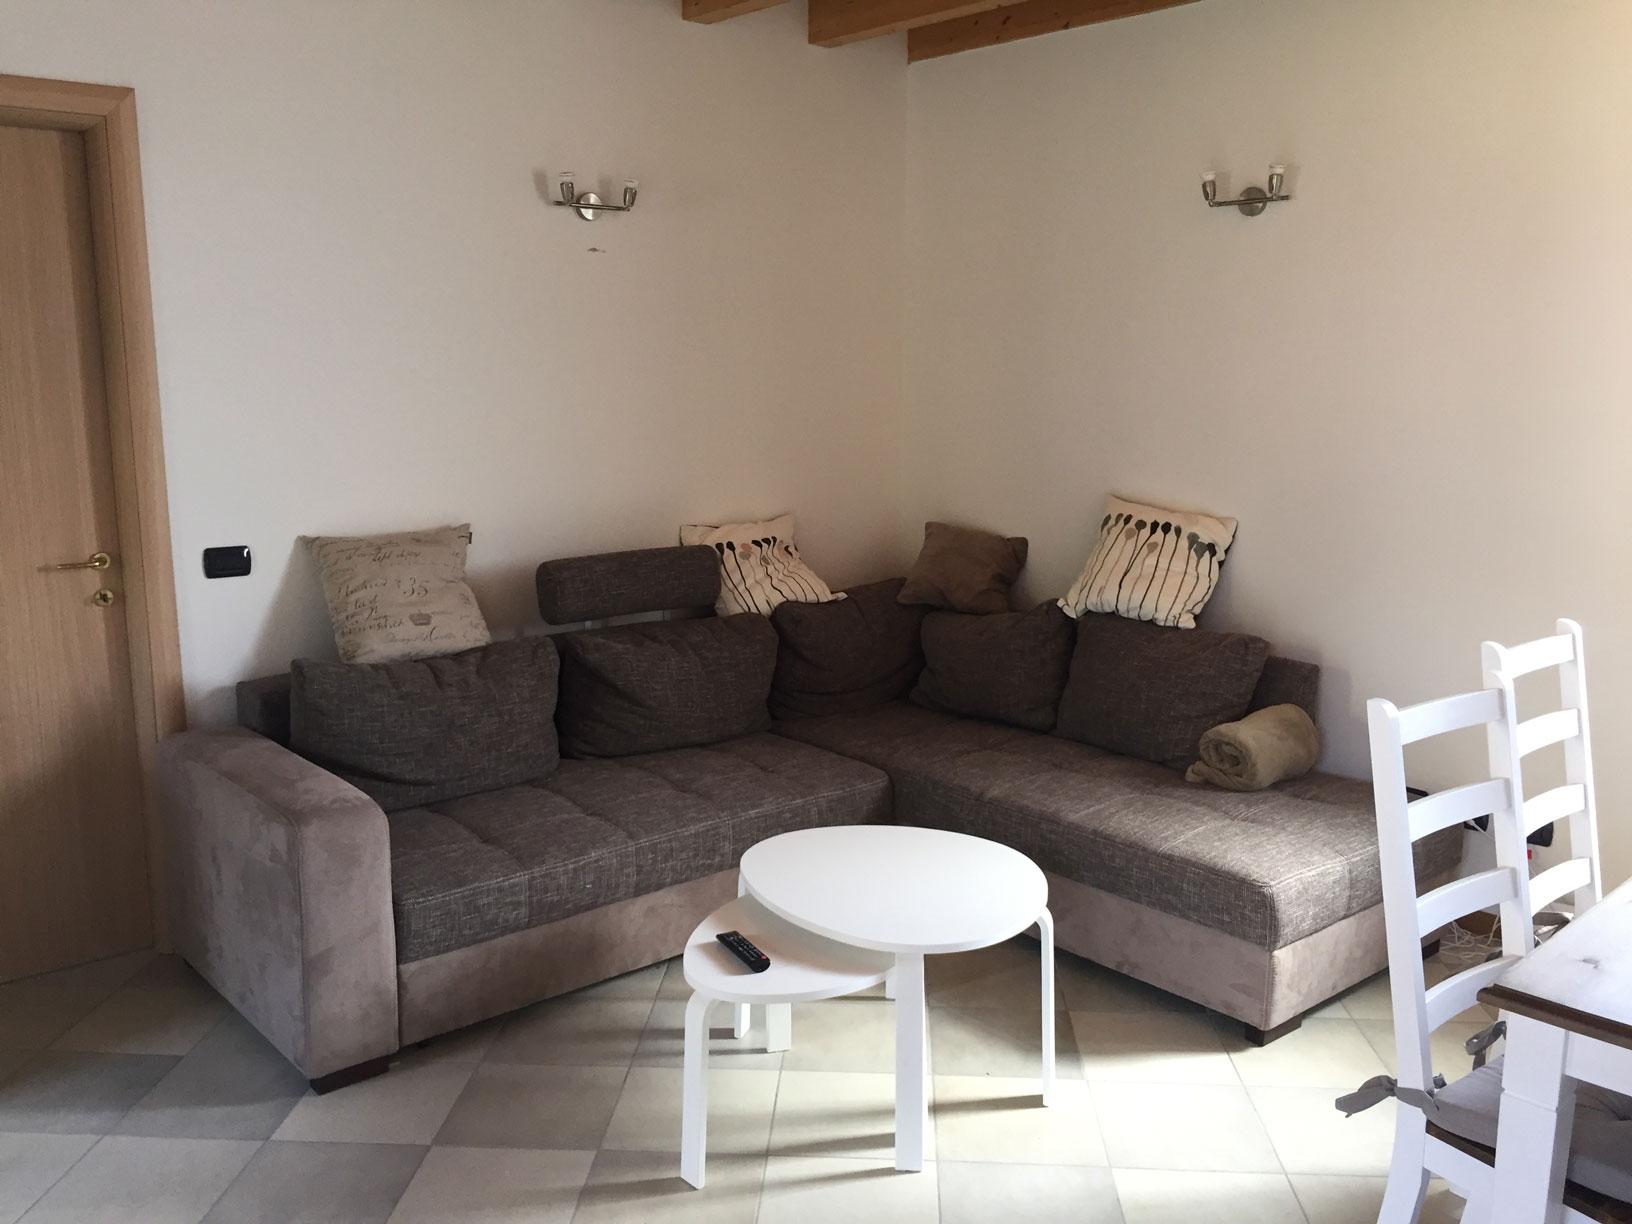 Appartamento al Gelso - Wohnzimmer & Küche